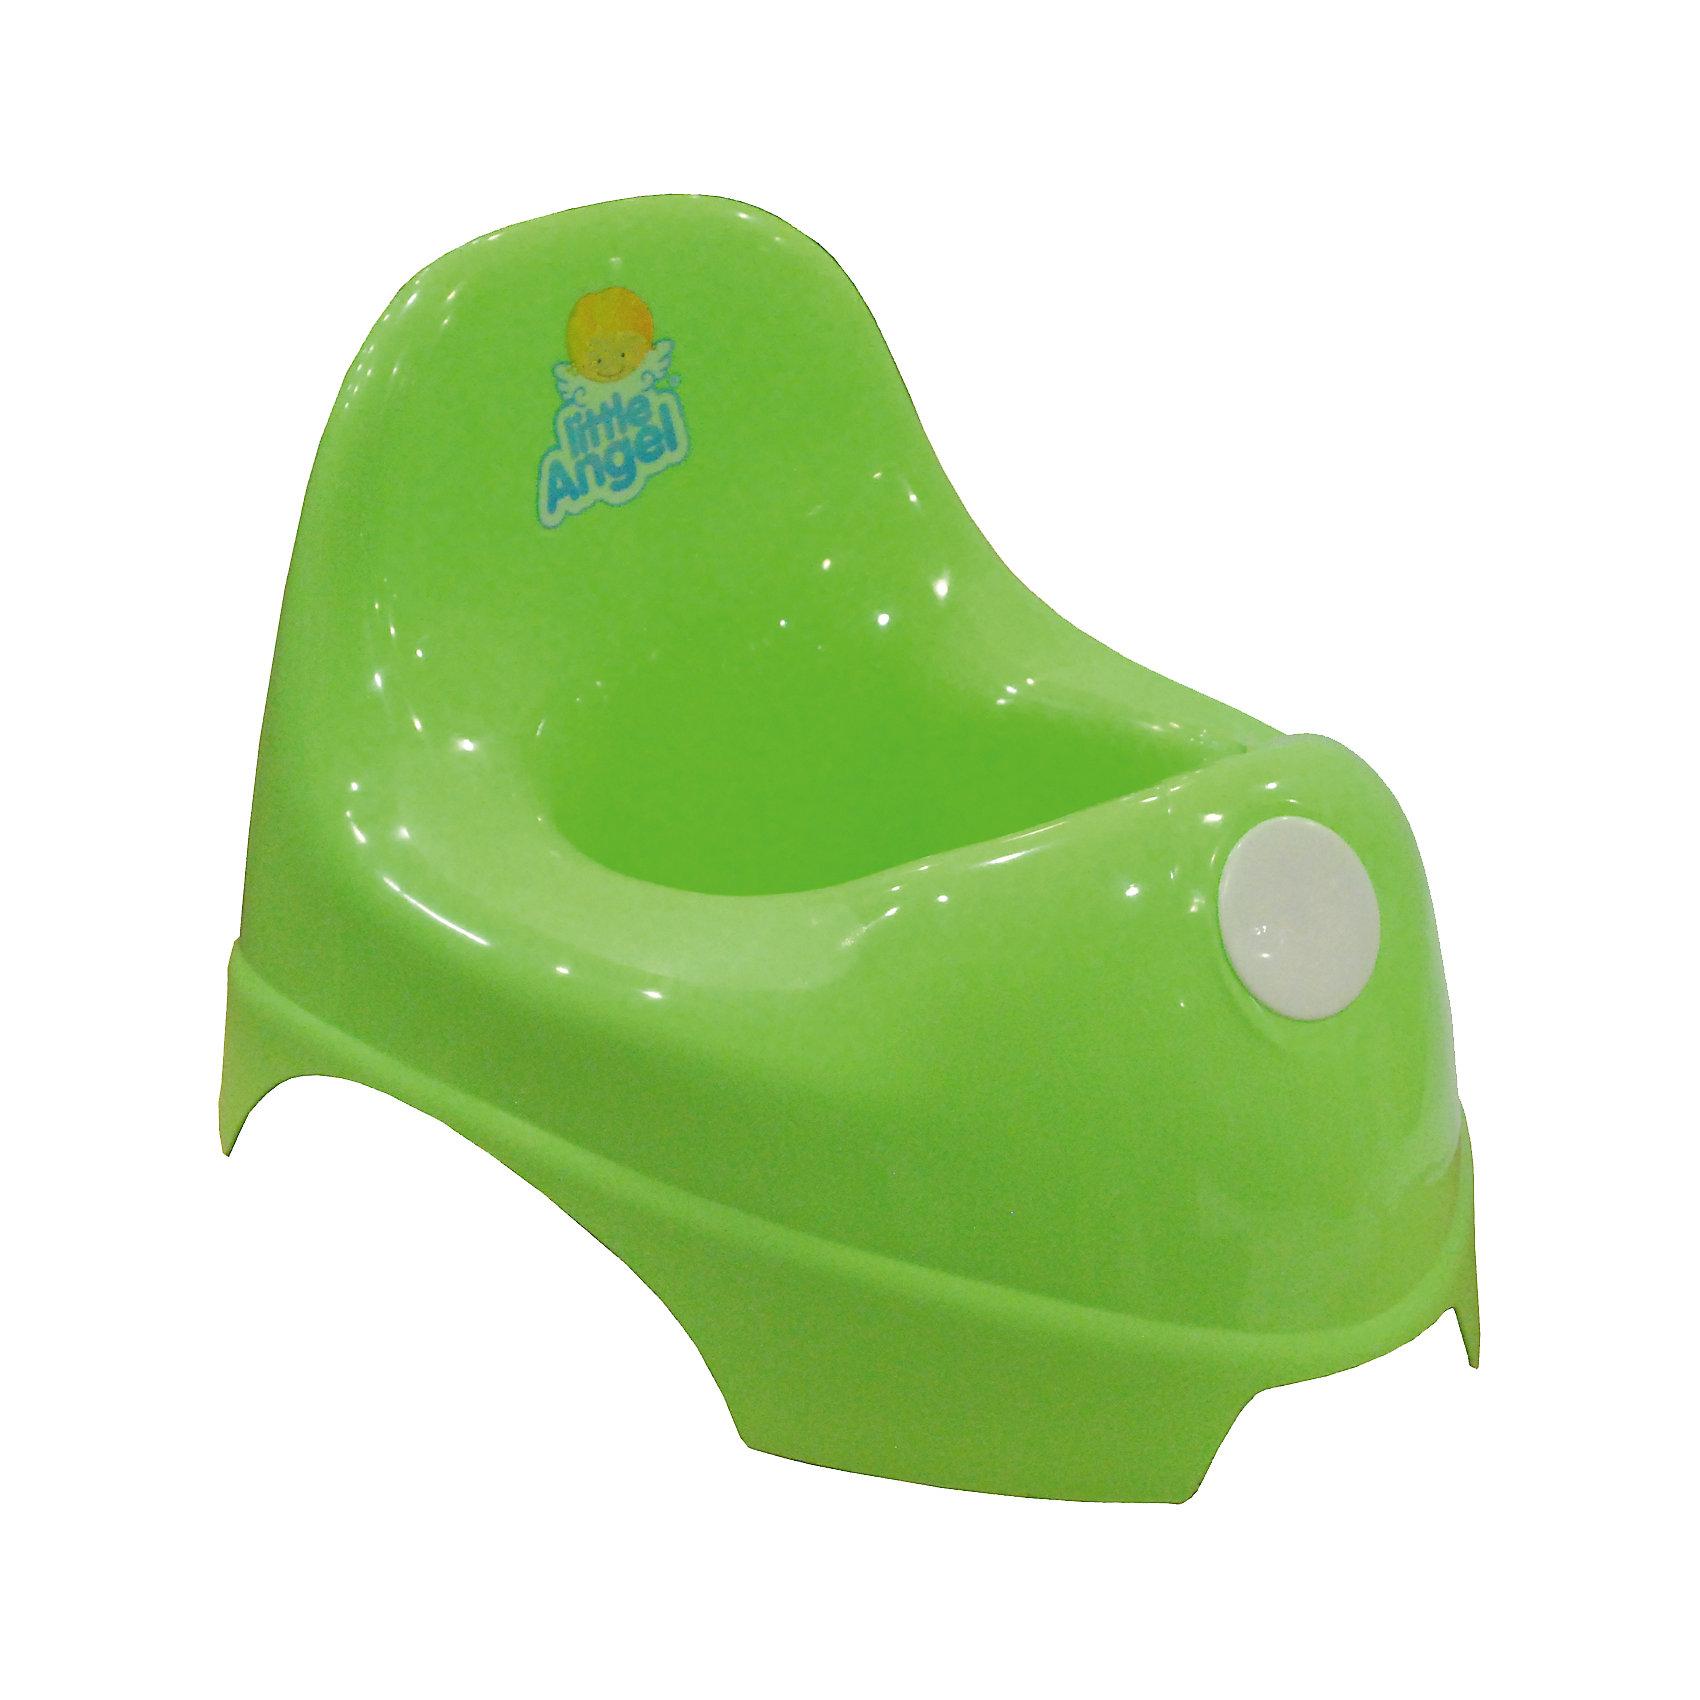 Горшок, Little Angel, салатовыйГоршок, Little Angel, салатовый изготовлен отечественным производителем  из высококачественного экологически безопасного и прочного пластика. Горшок классической формы, имеет овальную продолговатую форму с широкими бортиками, что обеспечивает удобство ребенку любой комплекции. Сзади имеется невысокая, но удобная спинка. Горшок отличается высокой устойчивостью, что защищает его от опрокидывания.     <br>Горшок, Little Angel, салатовый имеет компактные размеры, поэтому его можно брать с собой в путешествия. Кроме того, он достаточно прост в уходе ? легко моется водой.<br><br>Дополнительная информация:<br><br>- Предназначение: для дома<br>- Цвет: салатовый<br>- Пол: для мальчика/для девочки<br>- Материал: пластик<br>- Размер (Д*Ш*В): 35,5*23*22,5 см<br>- Вес: 318 г<br>- Особенности ухода: разрешается мыть<br><br>Подробнее:<br><br>• Для детей в возрасте: от 0 лет и до 3 лет<br>• Страна производитель: Россия<br>• Торговый бренд: Little Angel<br><br>Горшок, Little Angel, салатовый можно купить в нашем интернет-магазине.<br><br>Ширина мм: 355<br>Глубина мм: 230<br>Высота мм: 225<br>Вес г: 318<br>Возраст от месяцев: 0<br>Возраст до месяцев: 36<br>Пол: Унисекс<br>Возраст: Детский<br>SKU: 4881792